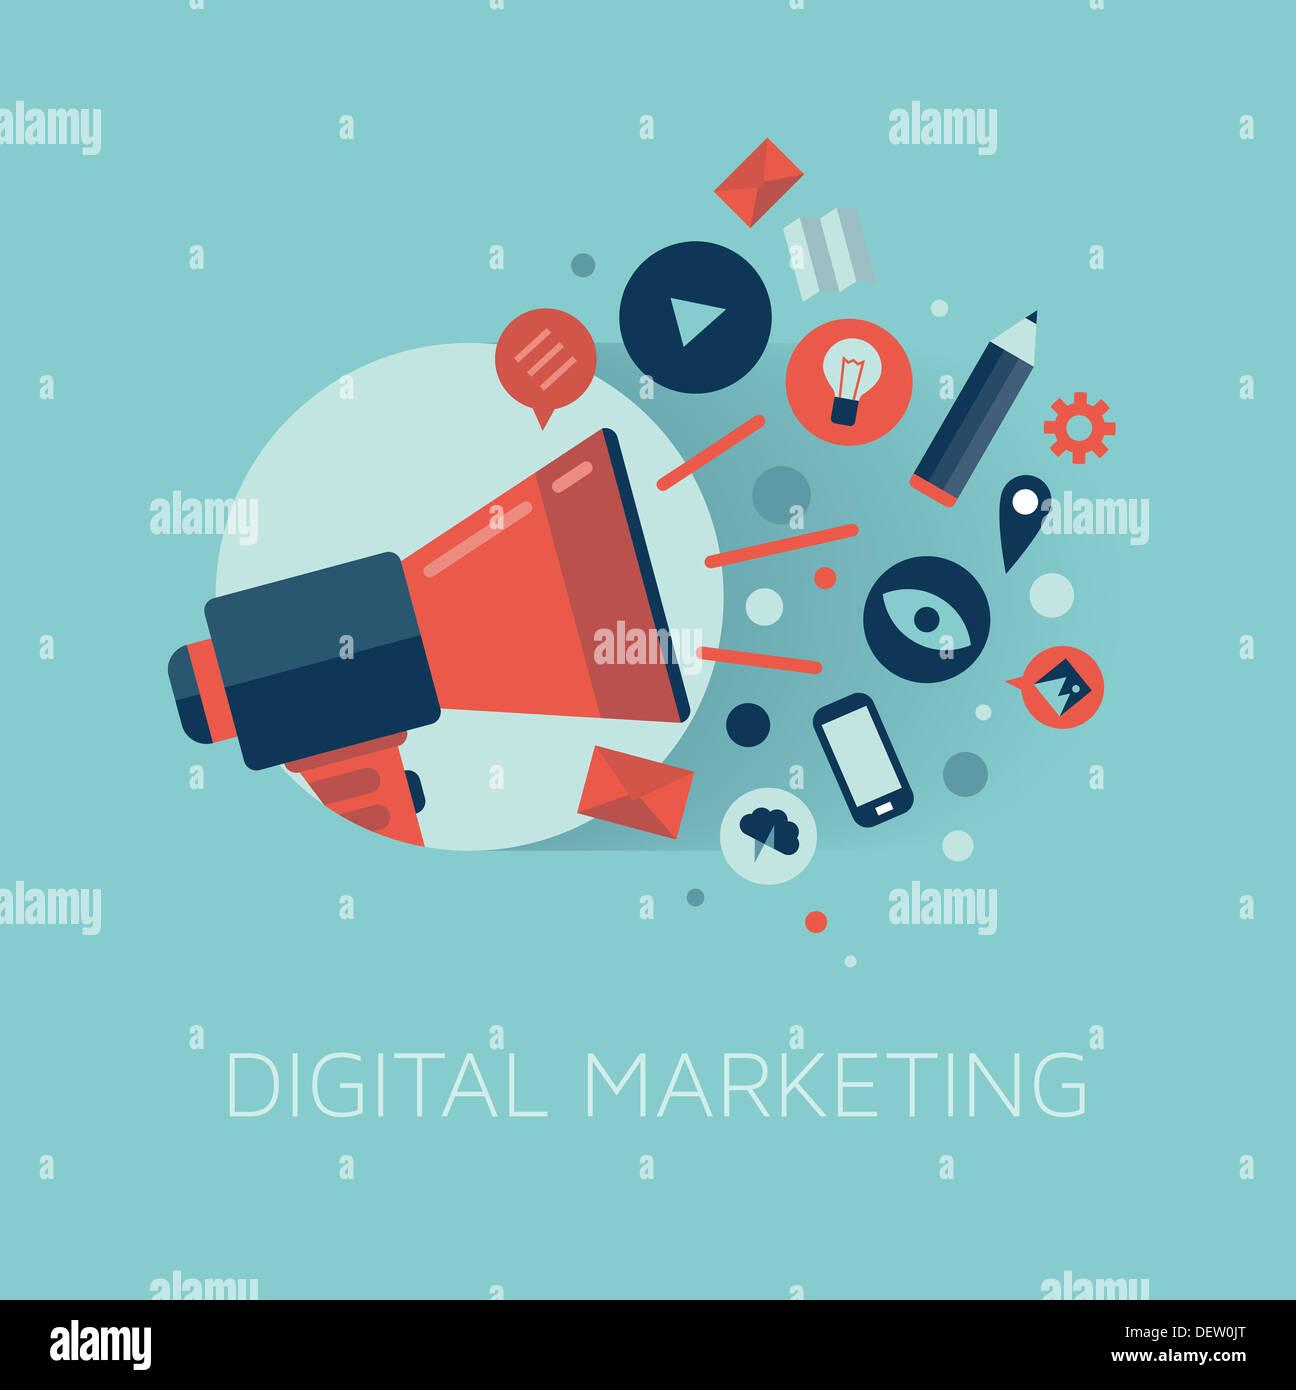 Stilvolle Darstellung der Megaphon mit Wolke aus bunten Programmsymbole am Media Thema. Digital marketing-Konzept. Stockbild